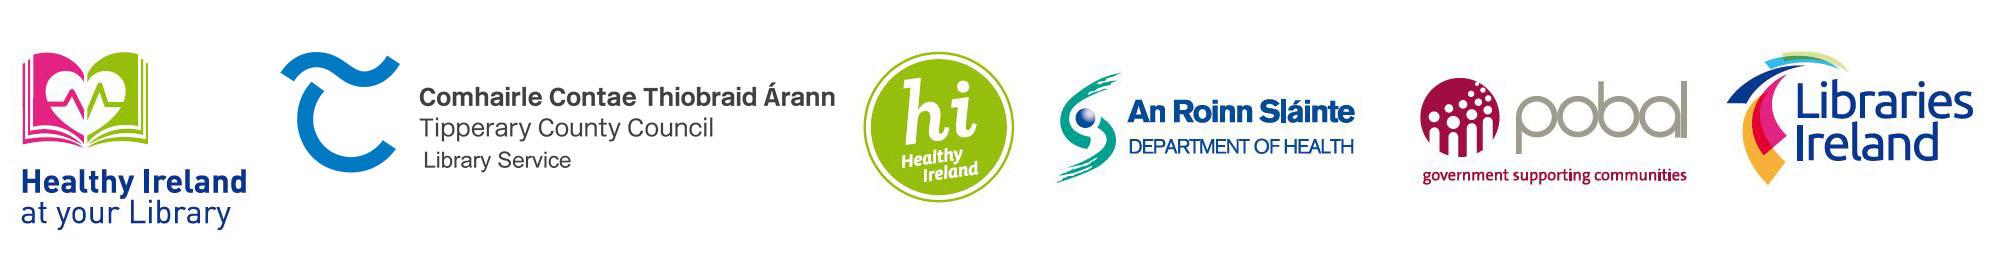 HI 6 logos